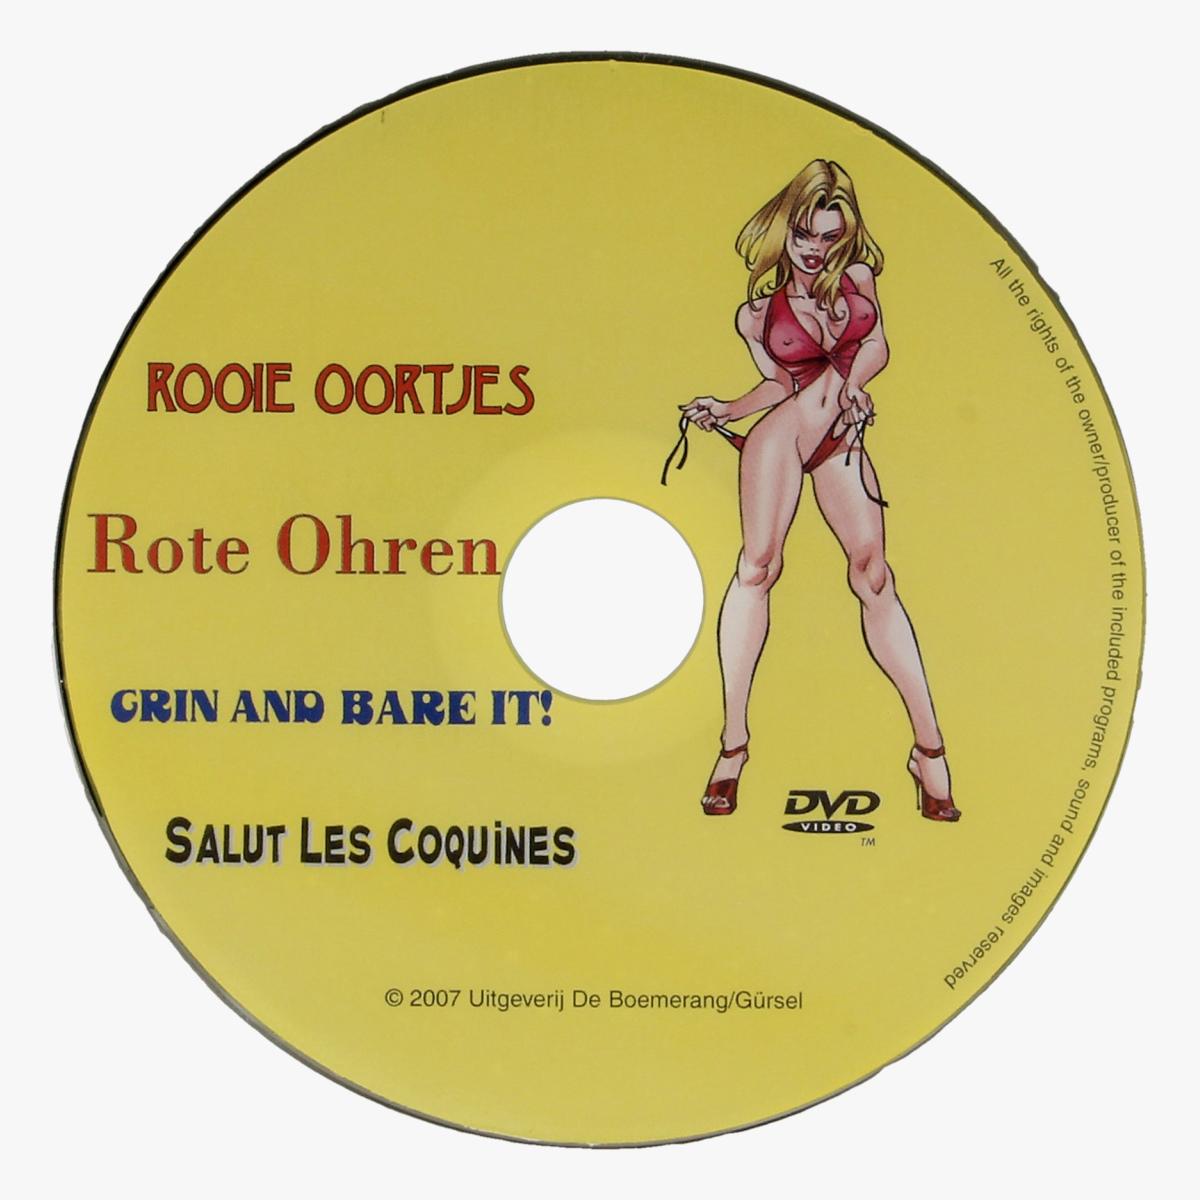 Afbeeldingen van Rooie oortjes DVD